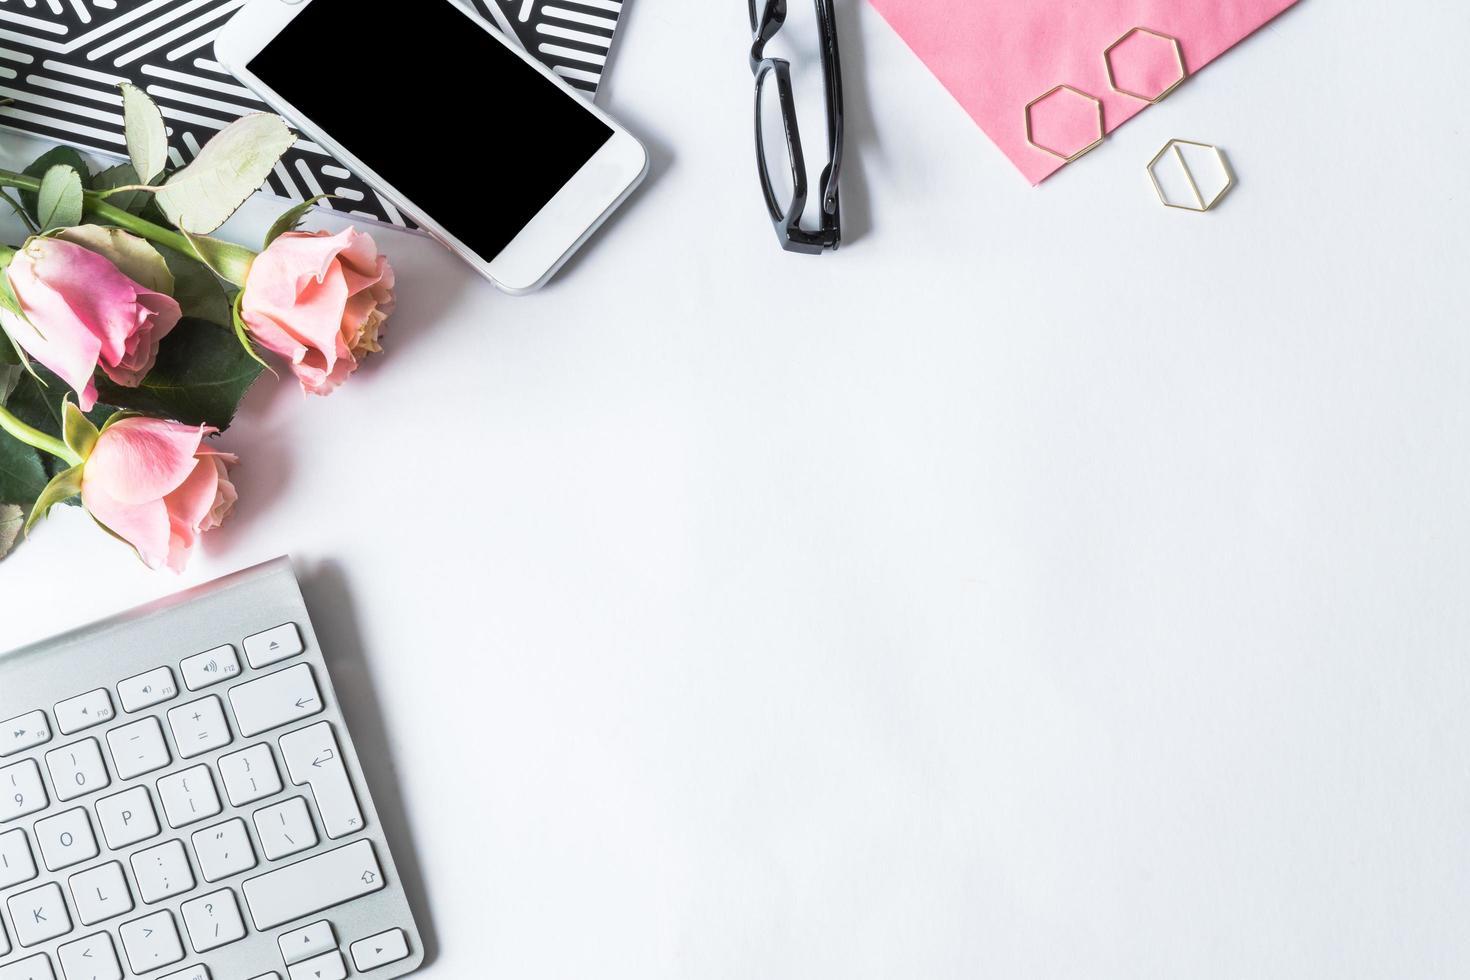 plat lag met toetsenbord, telefoon, bloemen en bril foto